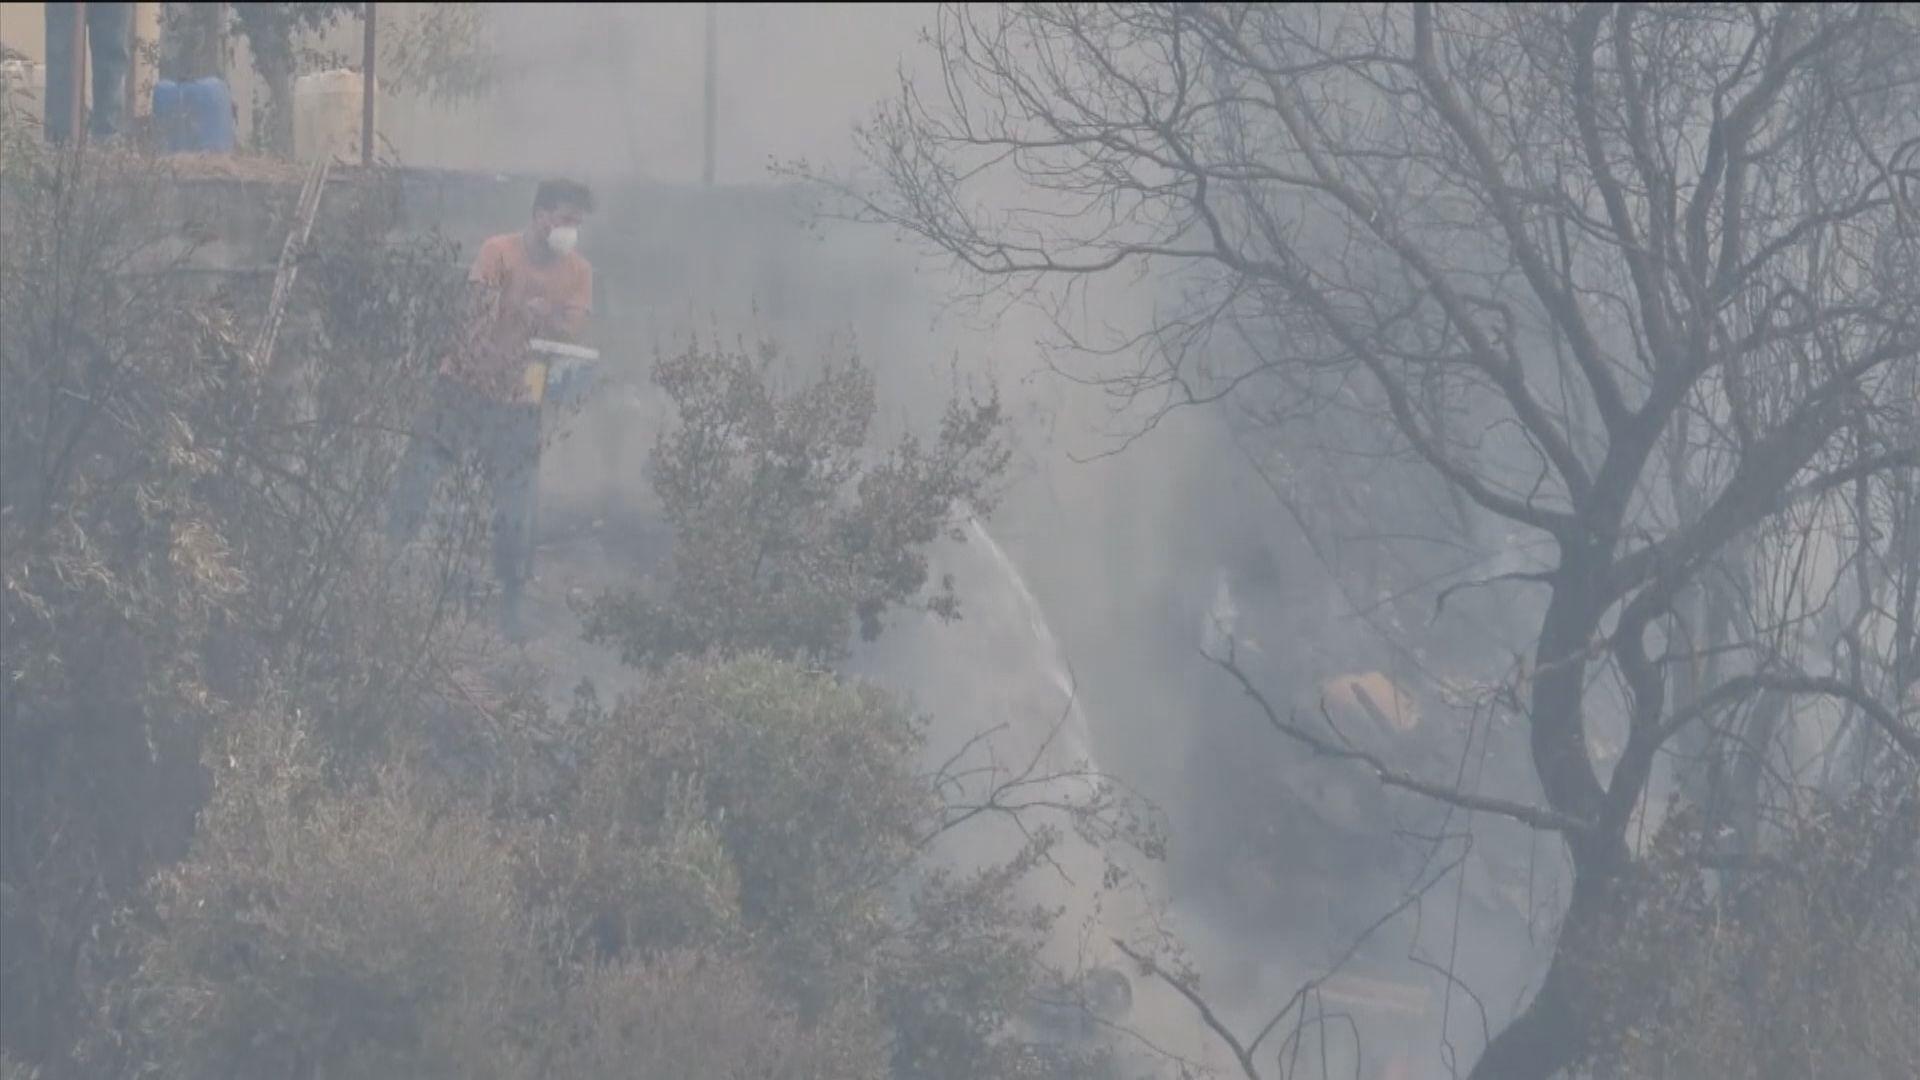 希臘埃維亞島山火火勢持續 多國派員支援